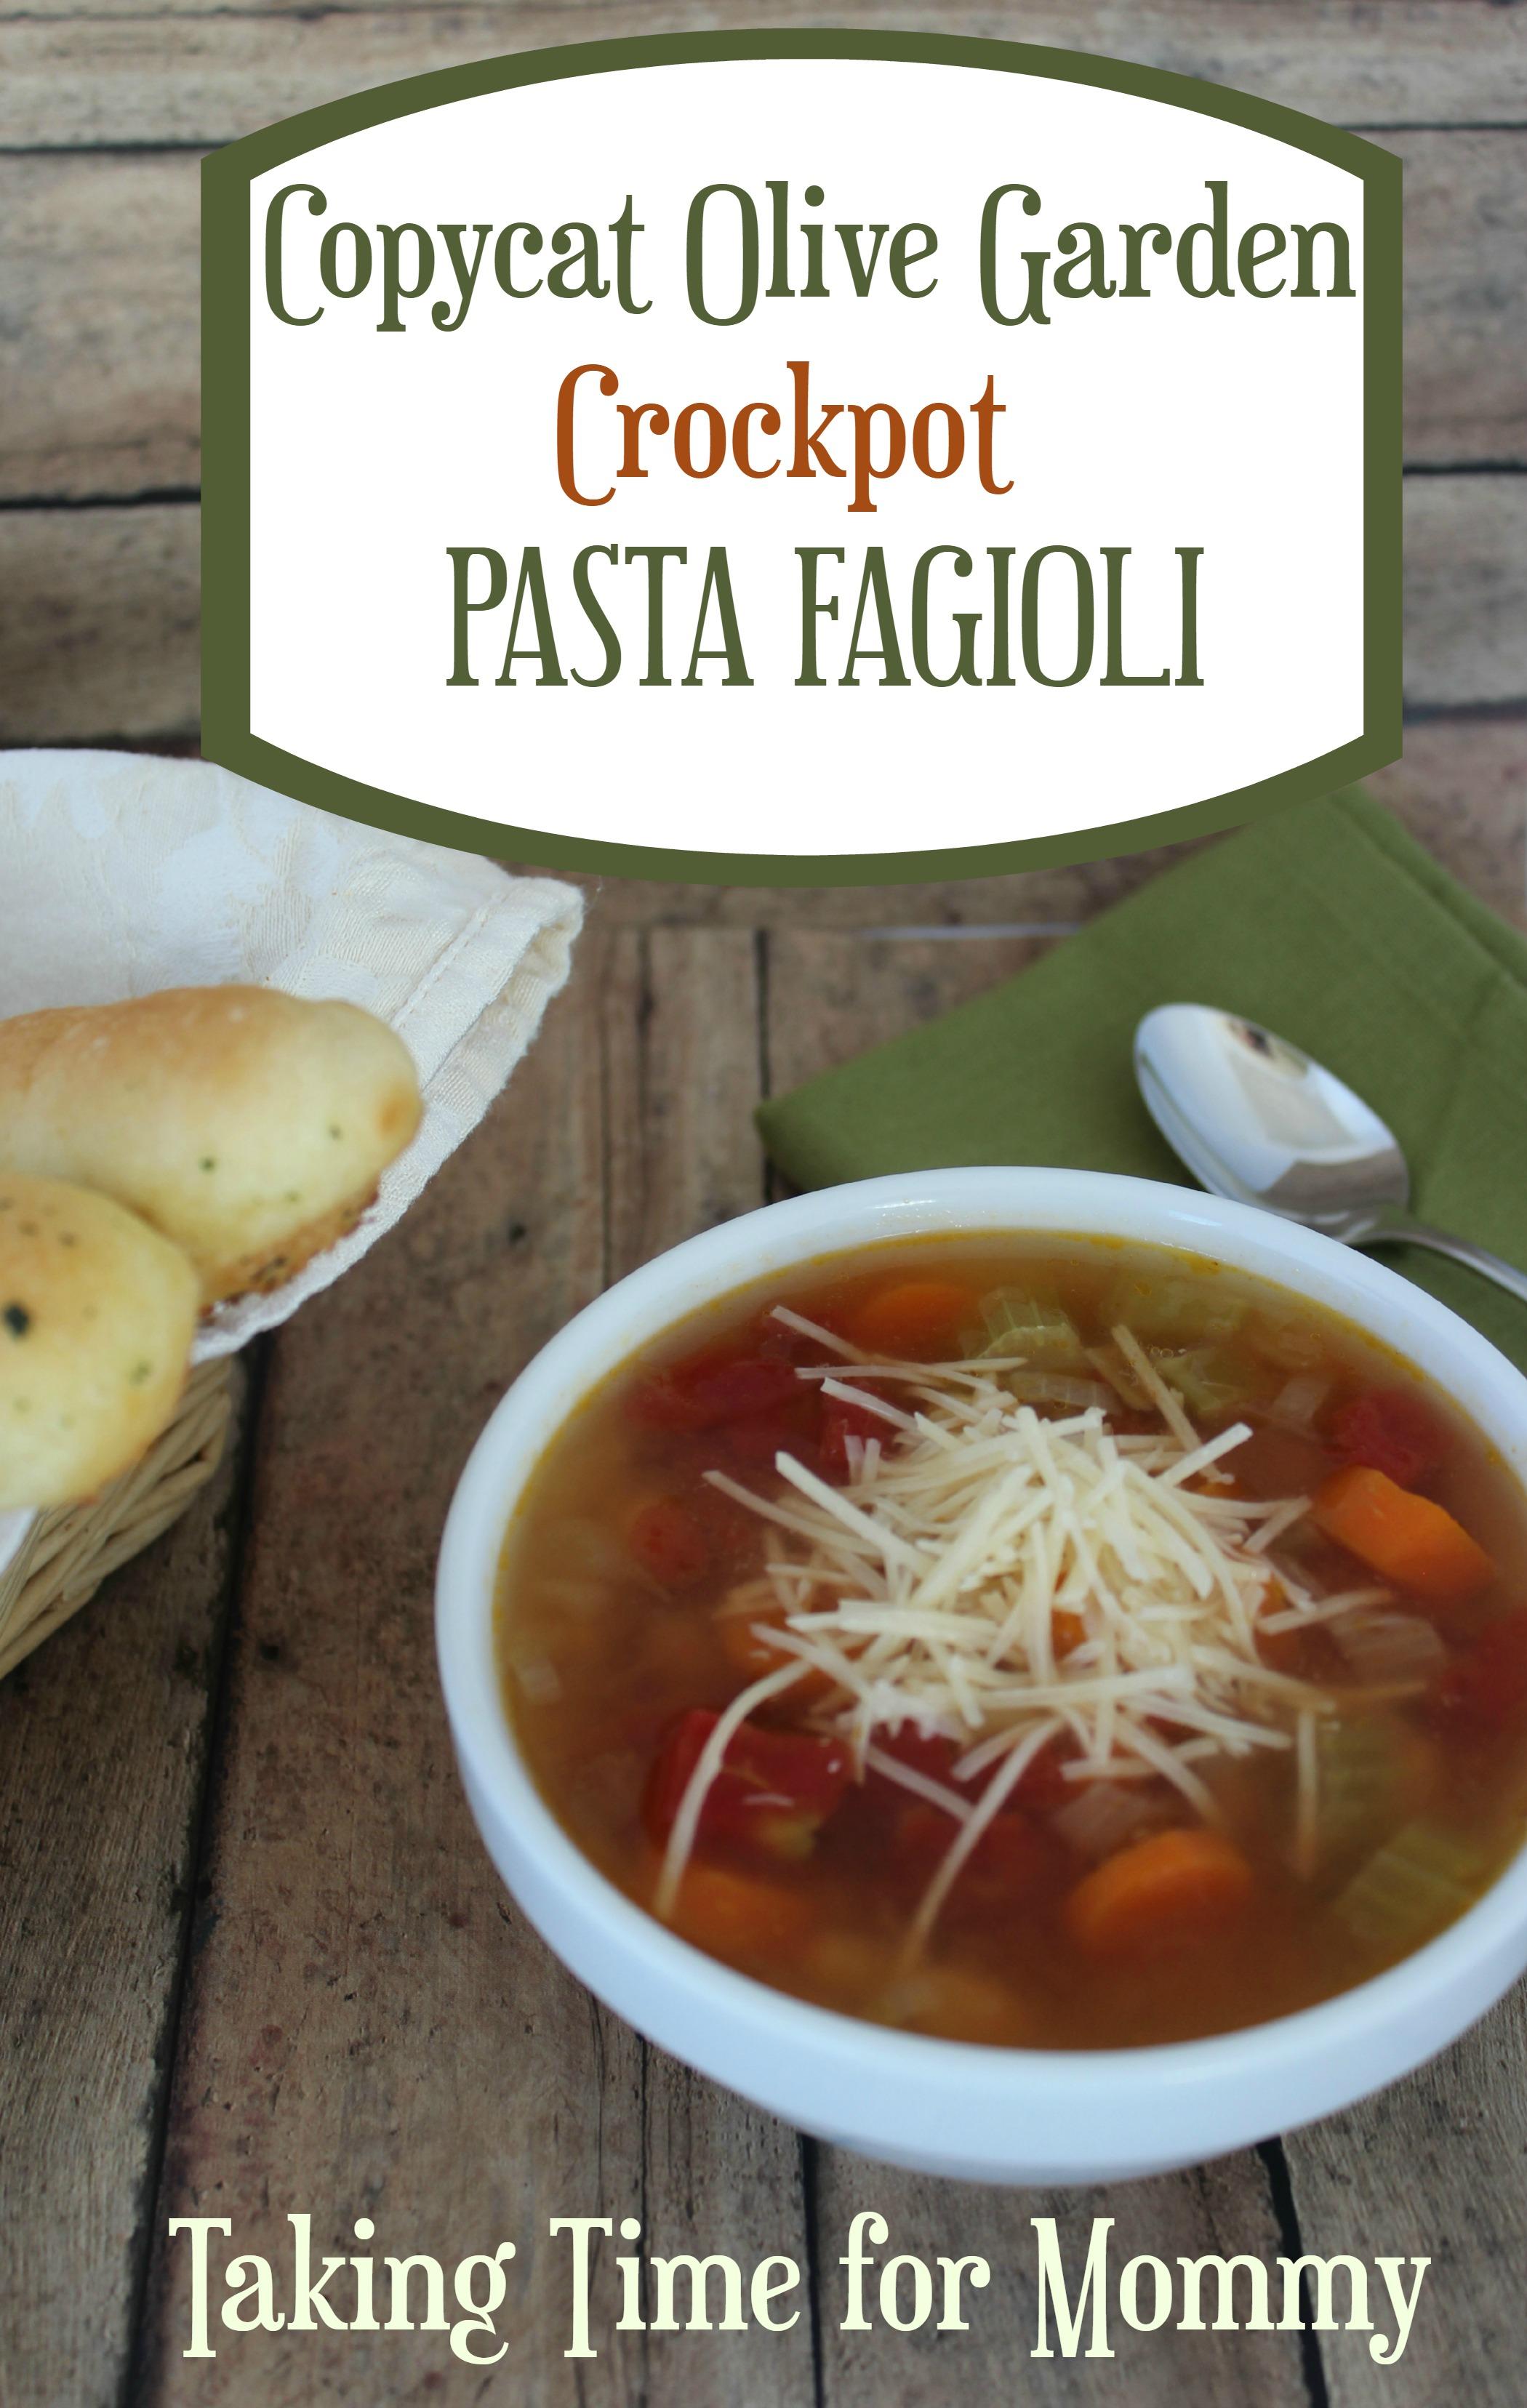 Copycat Olive Garden Crockpot Pasta Fagioli